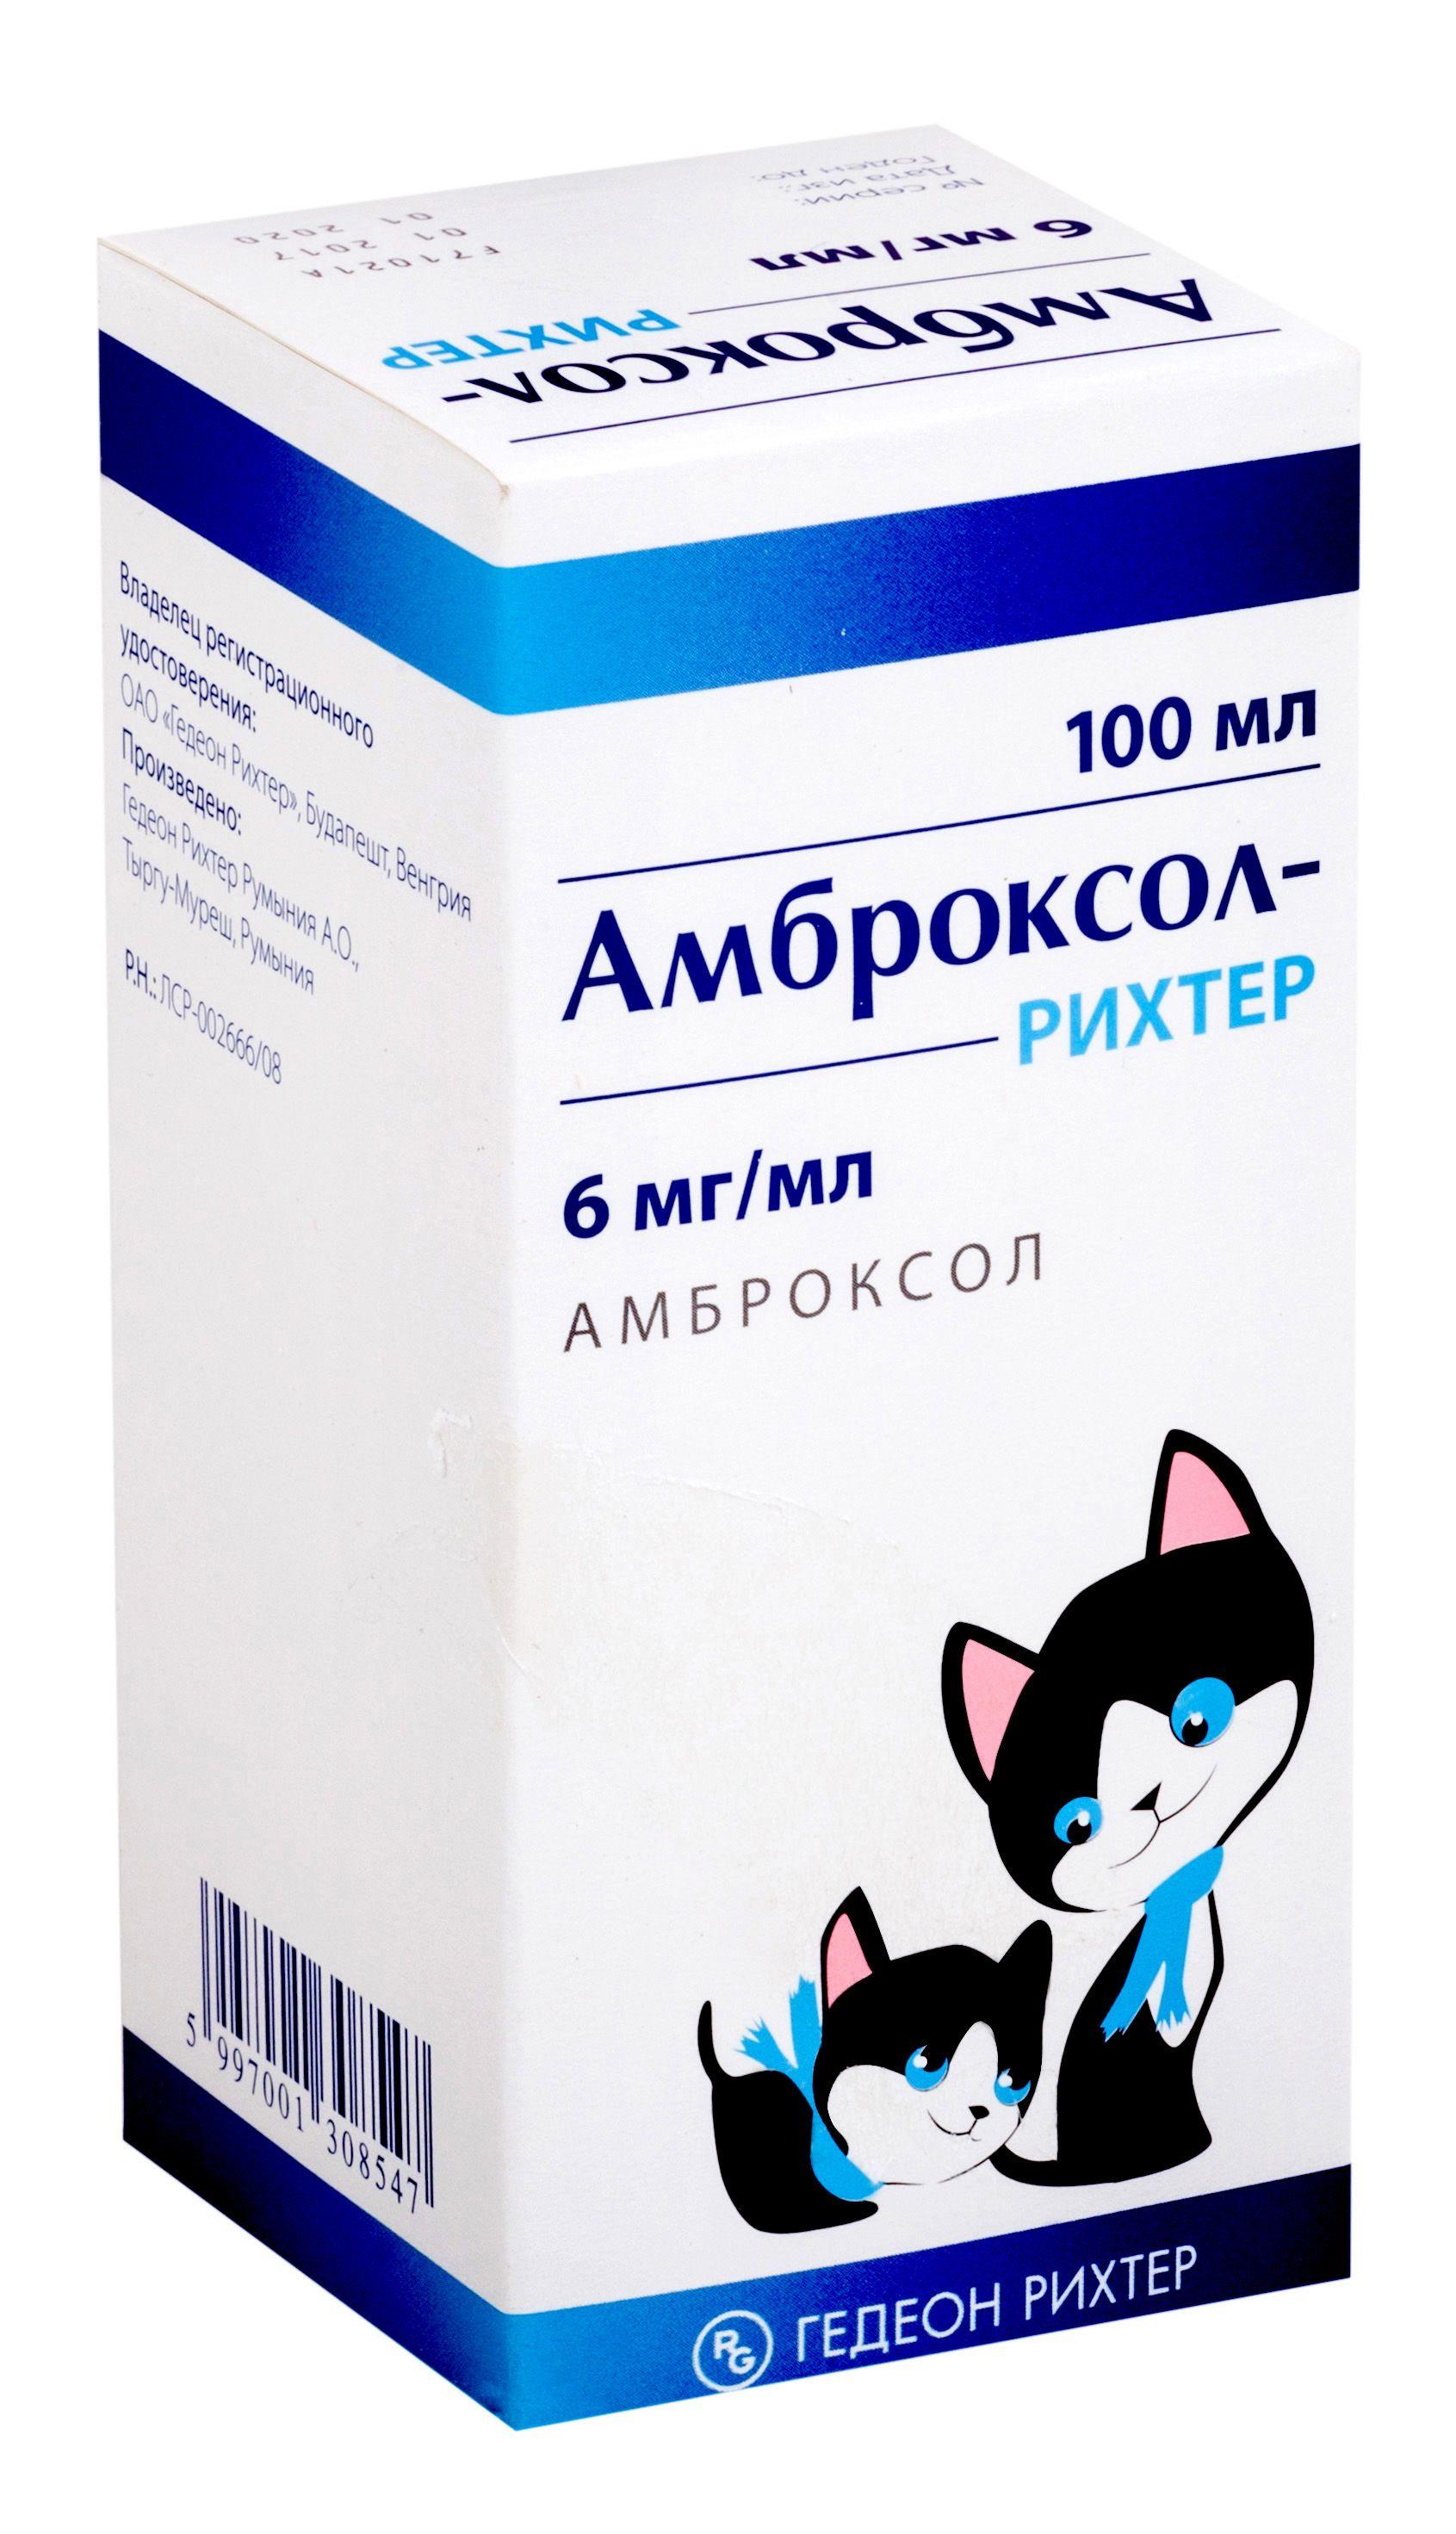 Амброксол-Рихтер, 6 мг/мл, сироп, 100 мл, 1 шт.